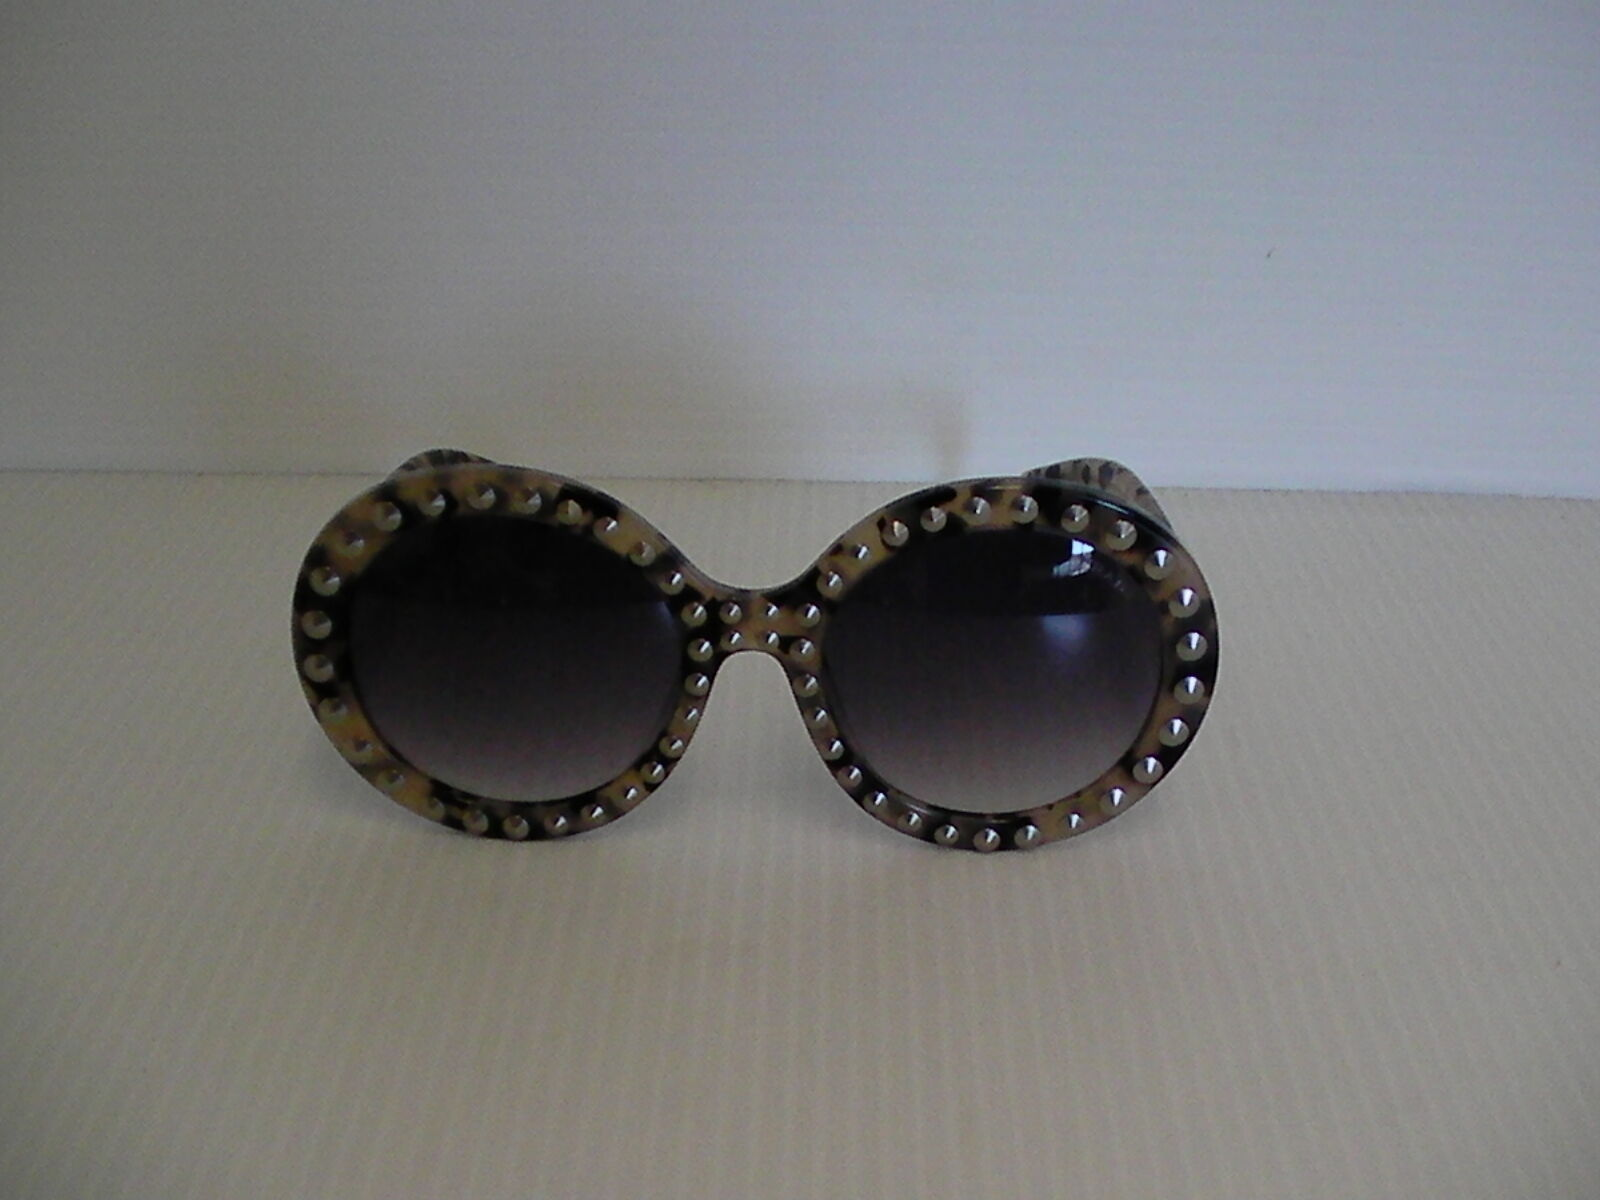 Damen Prada Neue Sonnenbrillen Schwarz Beige mit Nieten Besetzt Barock Spr29qsk image 4